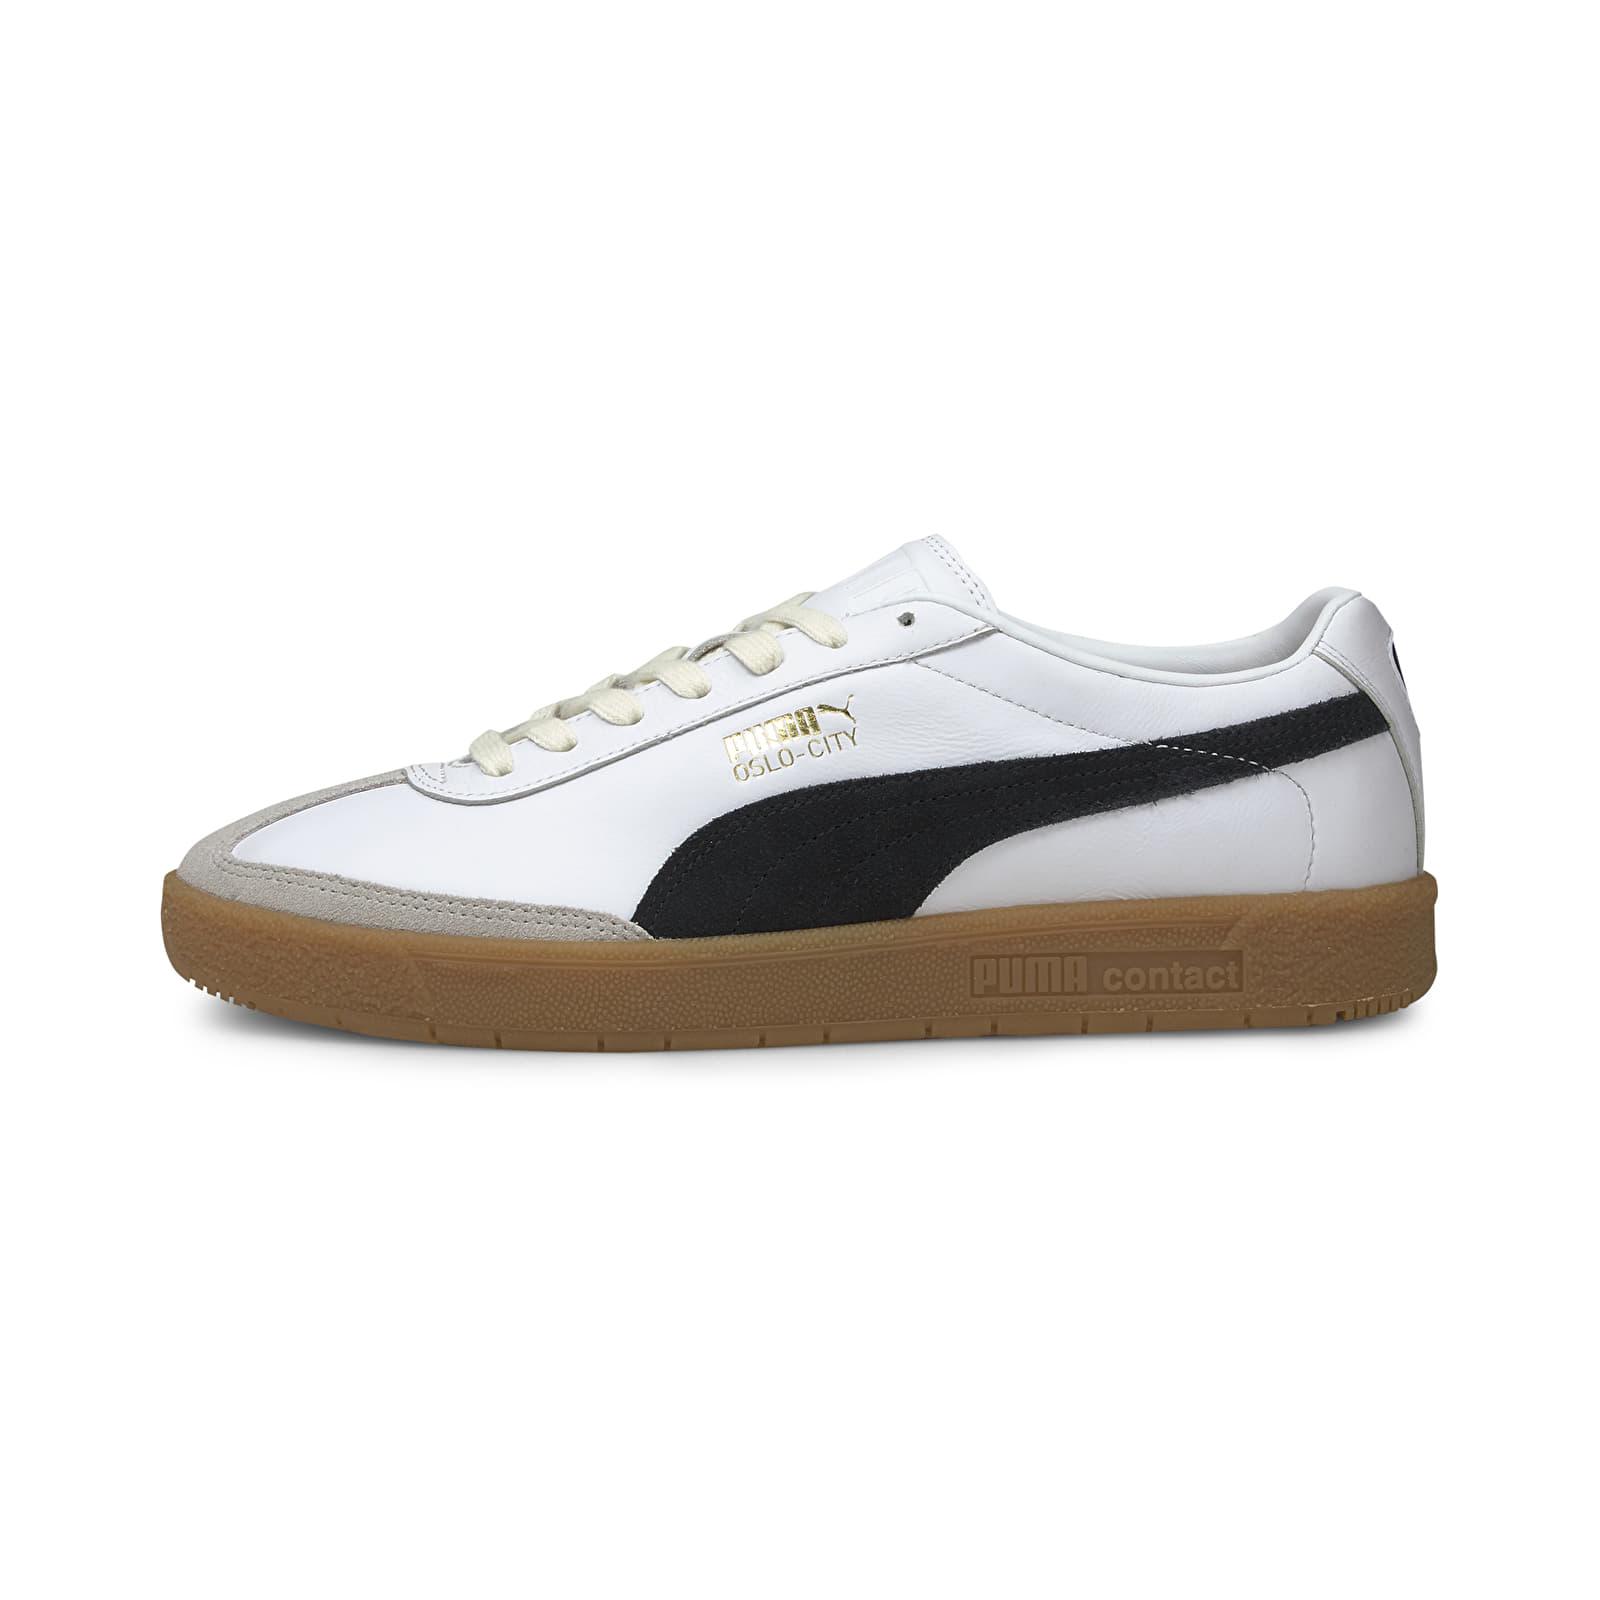 Puma Oslo-City OG Puma White-Puma Black-Gum | Footshop